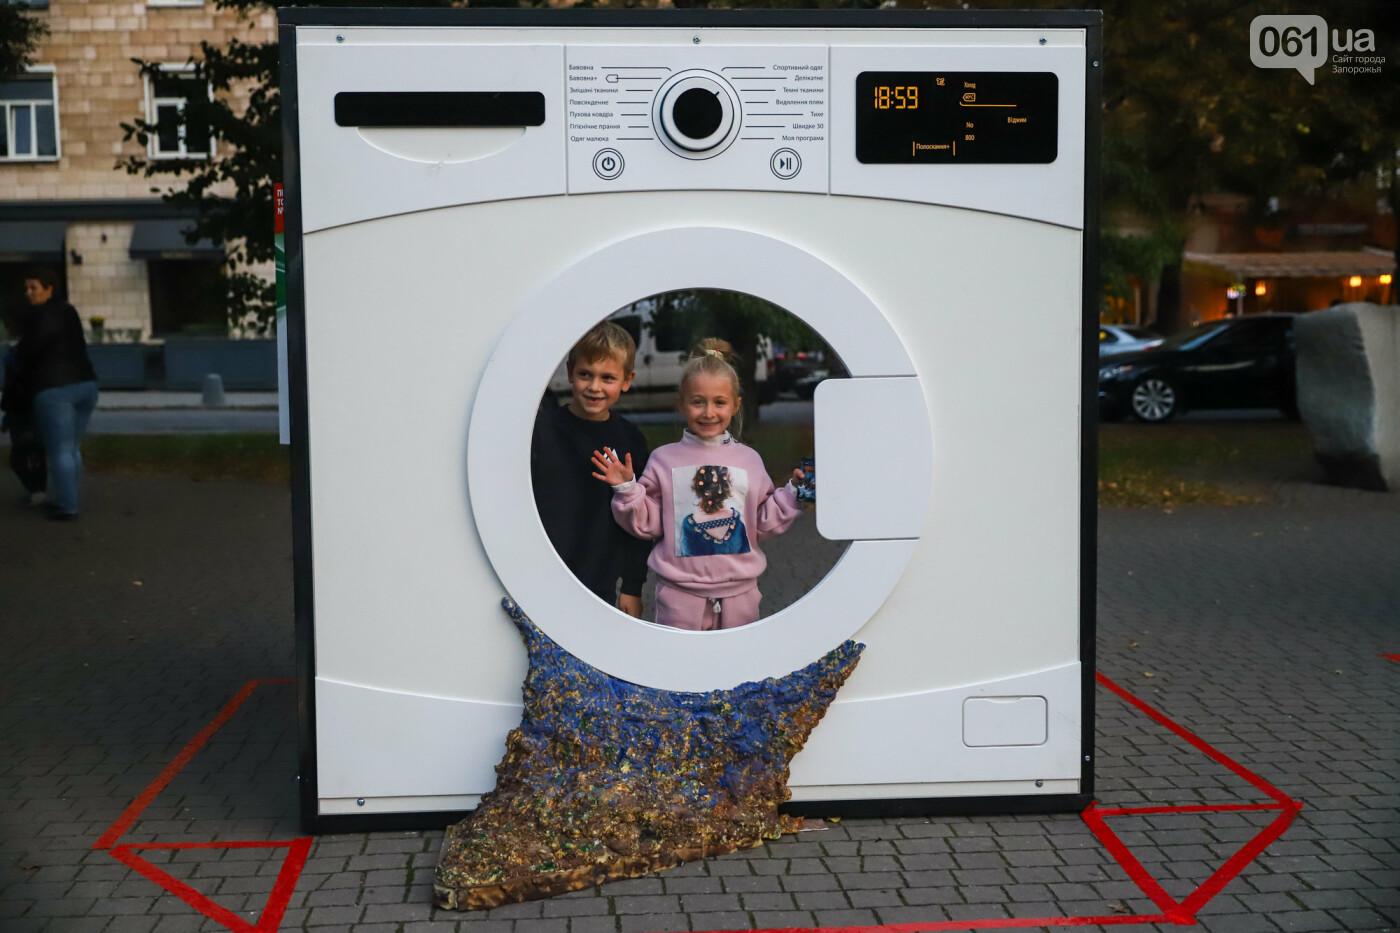 Огромная стиральная машина и комната из фольги: в центре Запорожья открылась эко-выставка, - ФОТОРЕПОРТАЖ , фото-32